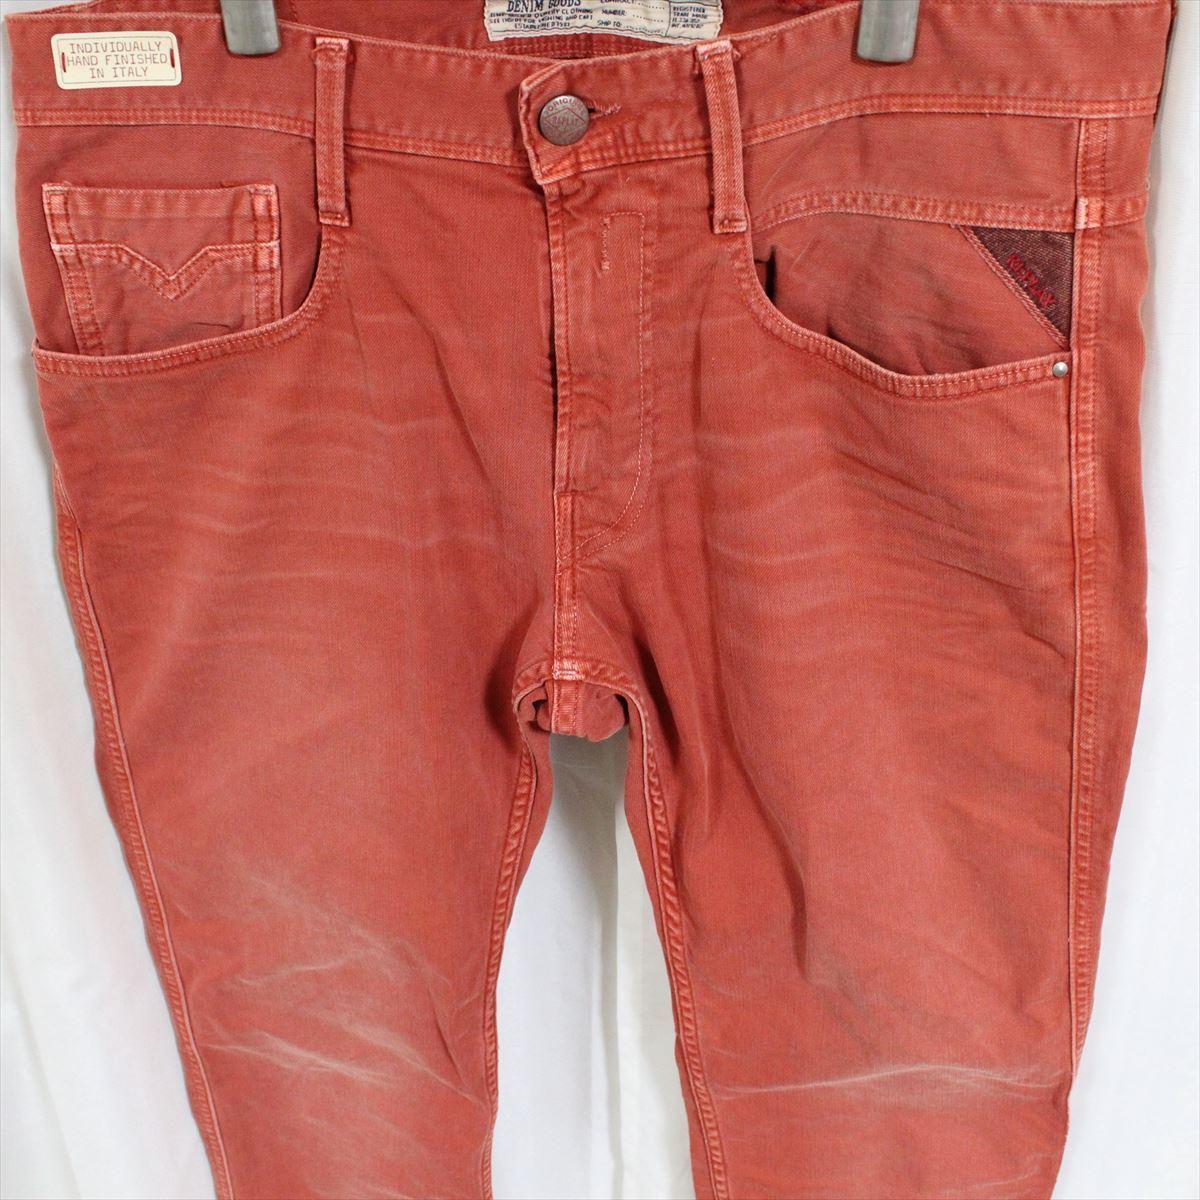 リプレイ REPLAY メンズカラーパンツ ジーンズ デニムパンツ SLIM レンガ色 28インチ 新品 REPLAY BLUE JEANS anbass slim jeans_画像2